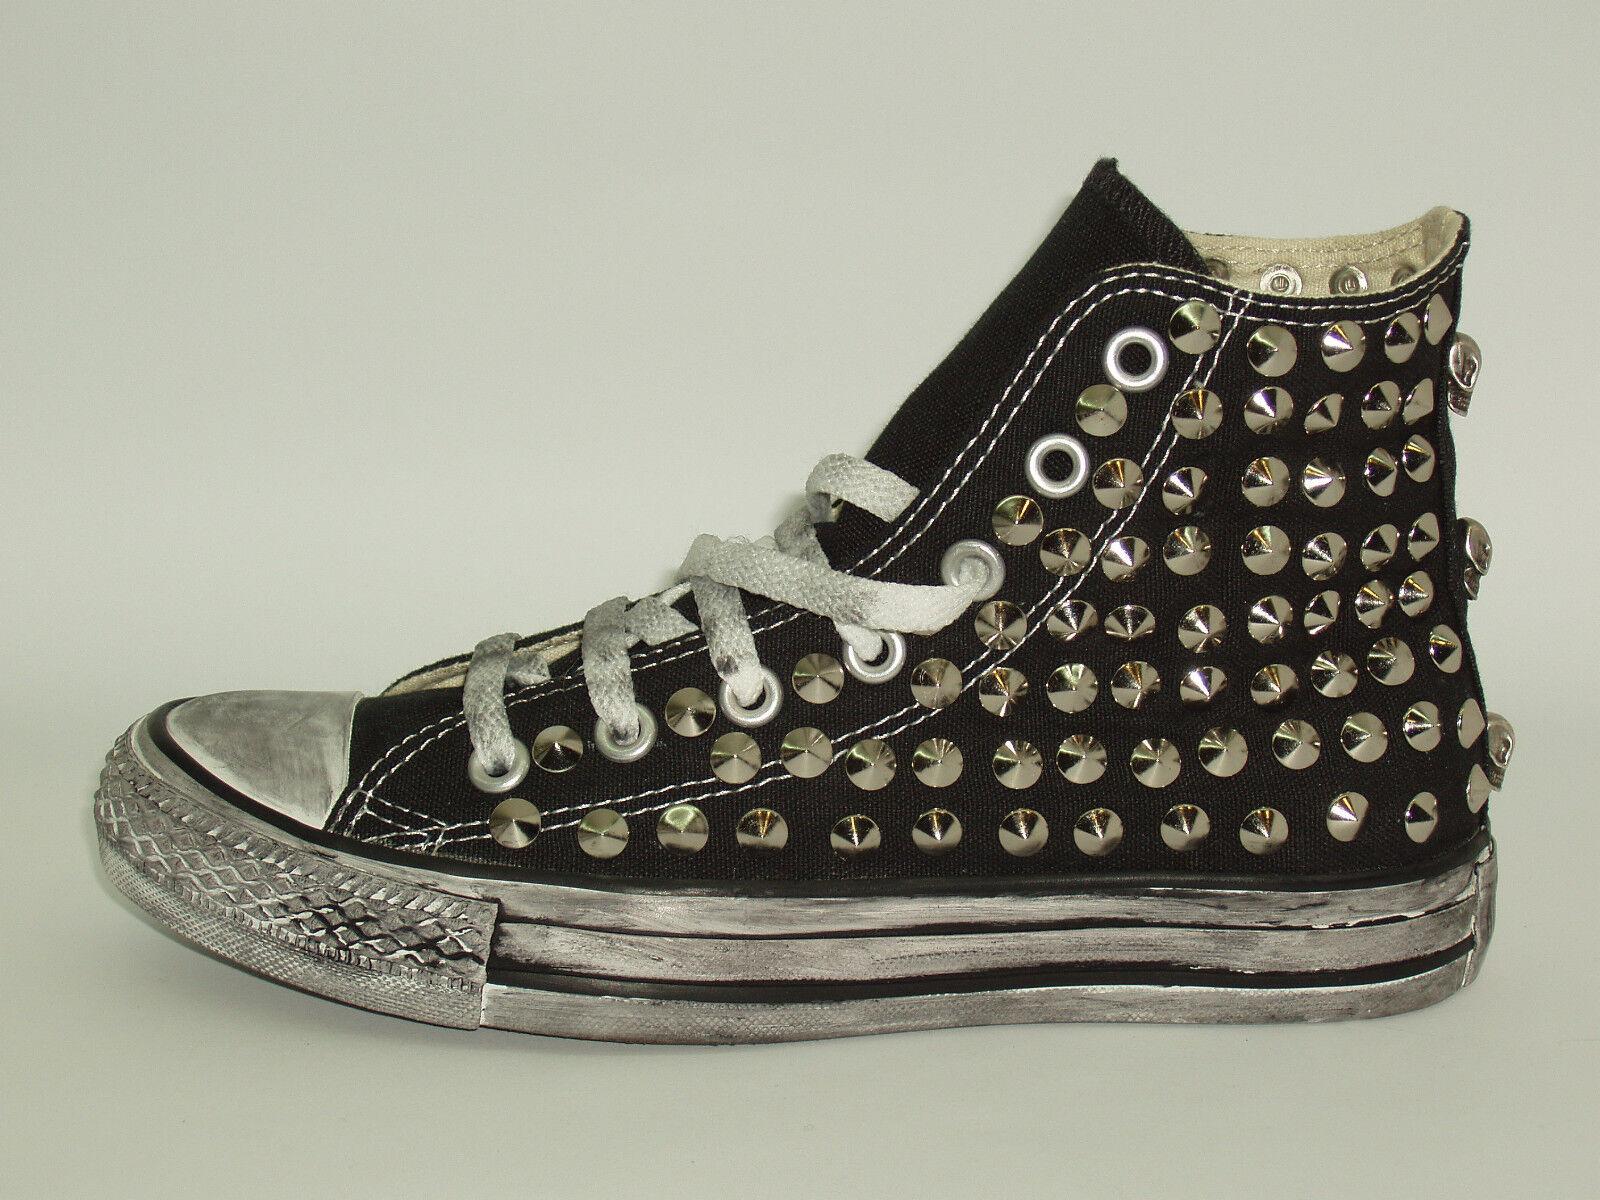 Converse all donna star Hi borchie teschi  scarpe donna all uomo nero artigianali cd20e3